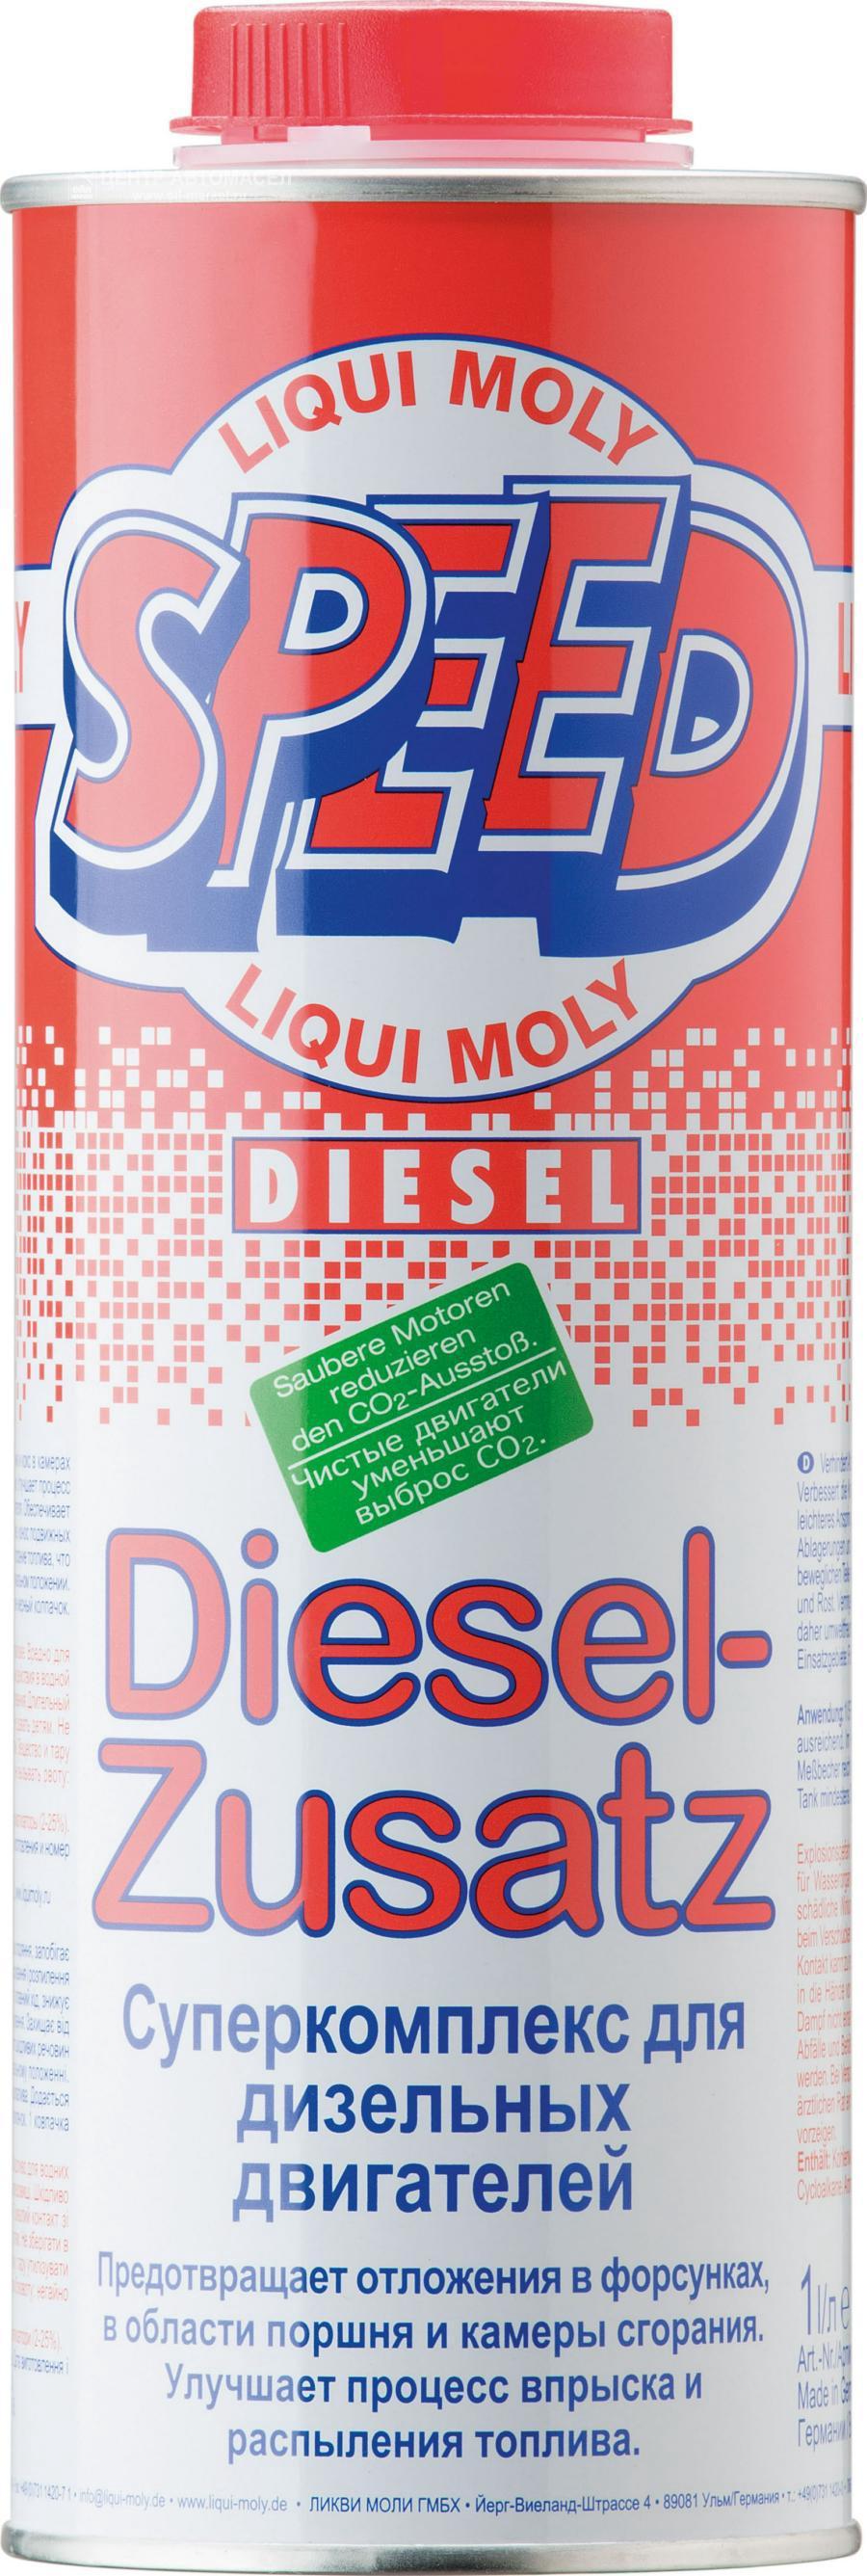 Суперкомплекс для диз.двиг. Speed Diesel Zusatz (1л)